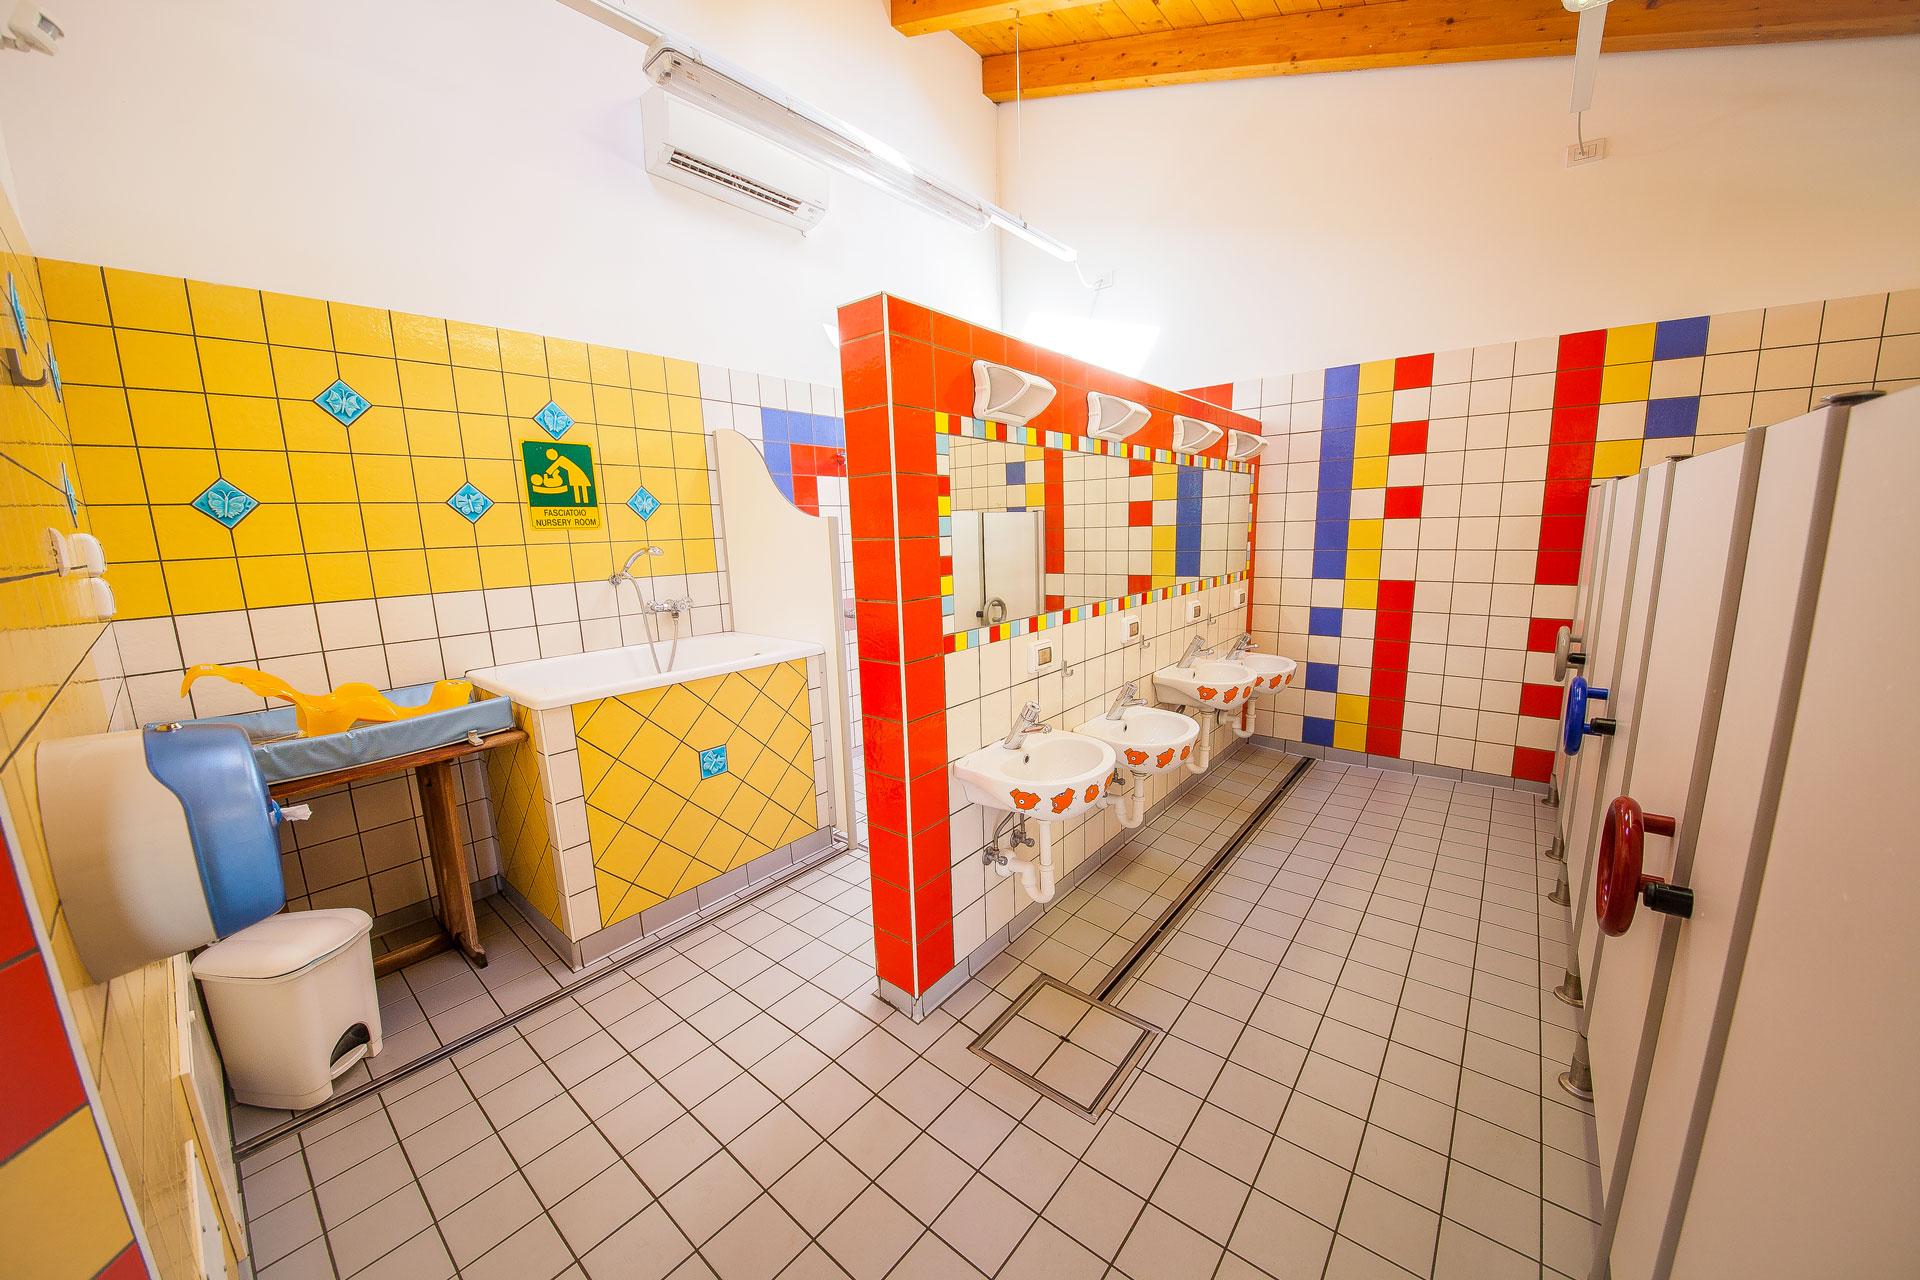 inoltre troverete asciugacapelli asse da stiro lavatrici ed asciugatoi a pagamento wc chimico e bagni privati dotati di lavandino wc e doccia su